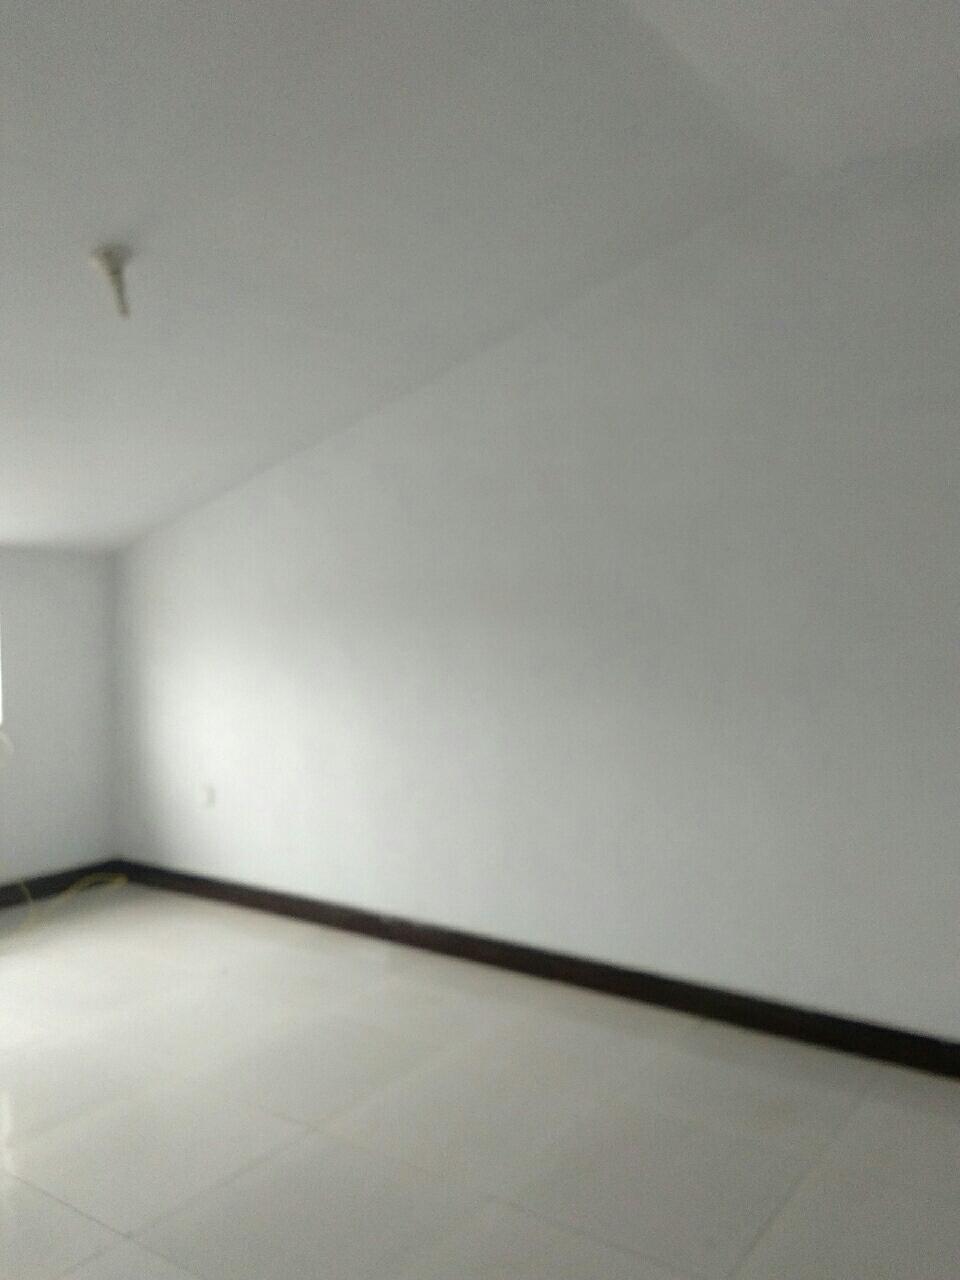 中国临泉·义乌国际商贸城公寓精装和毛坯